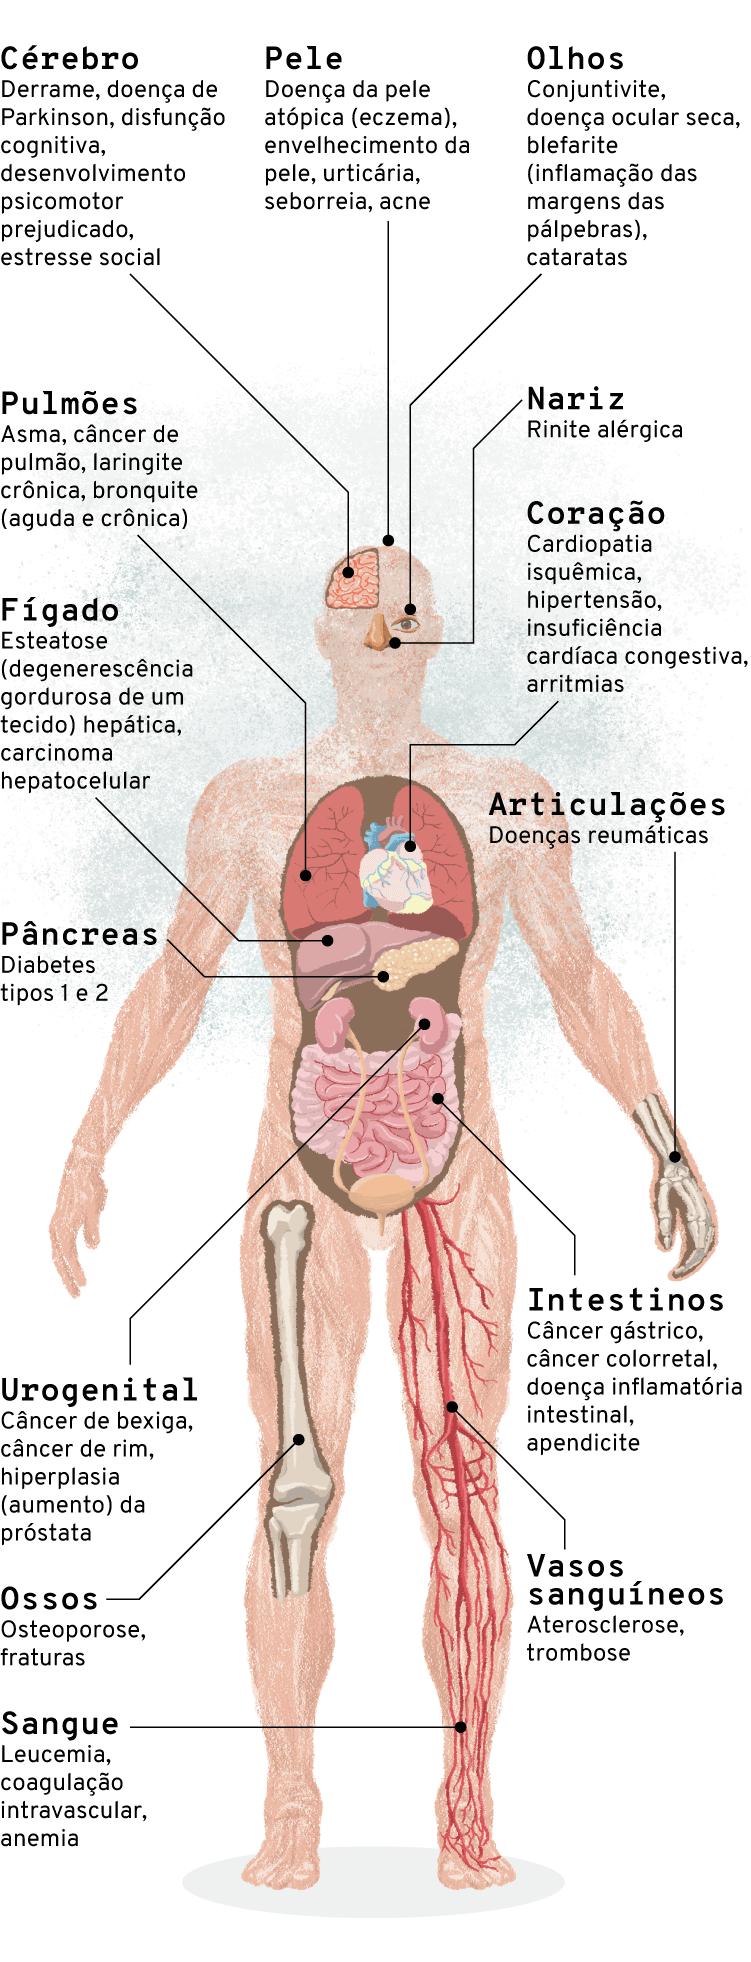 Infográfico: Doenças ligadas à poluição do ar por órgão do corpo humano